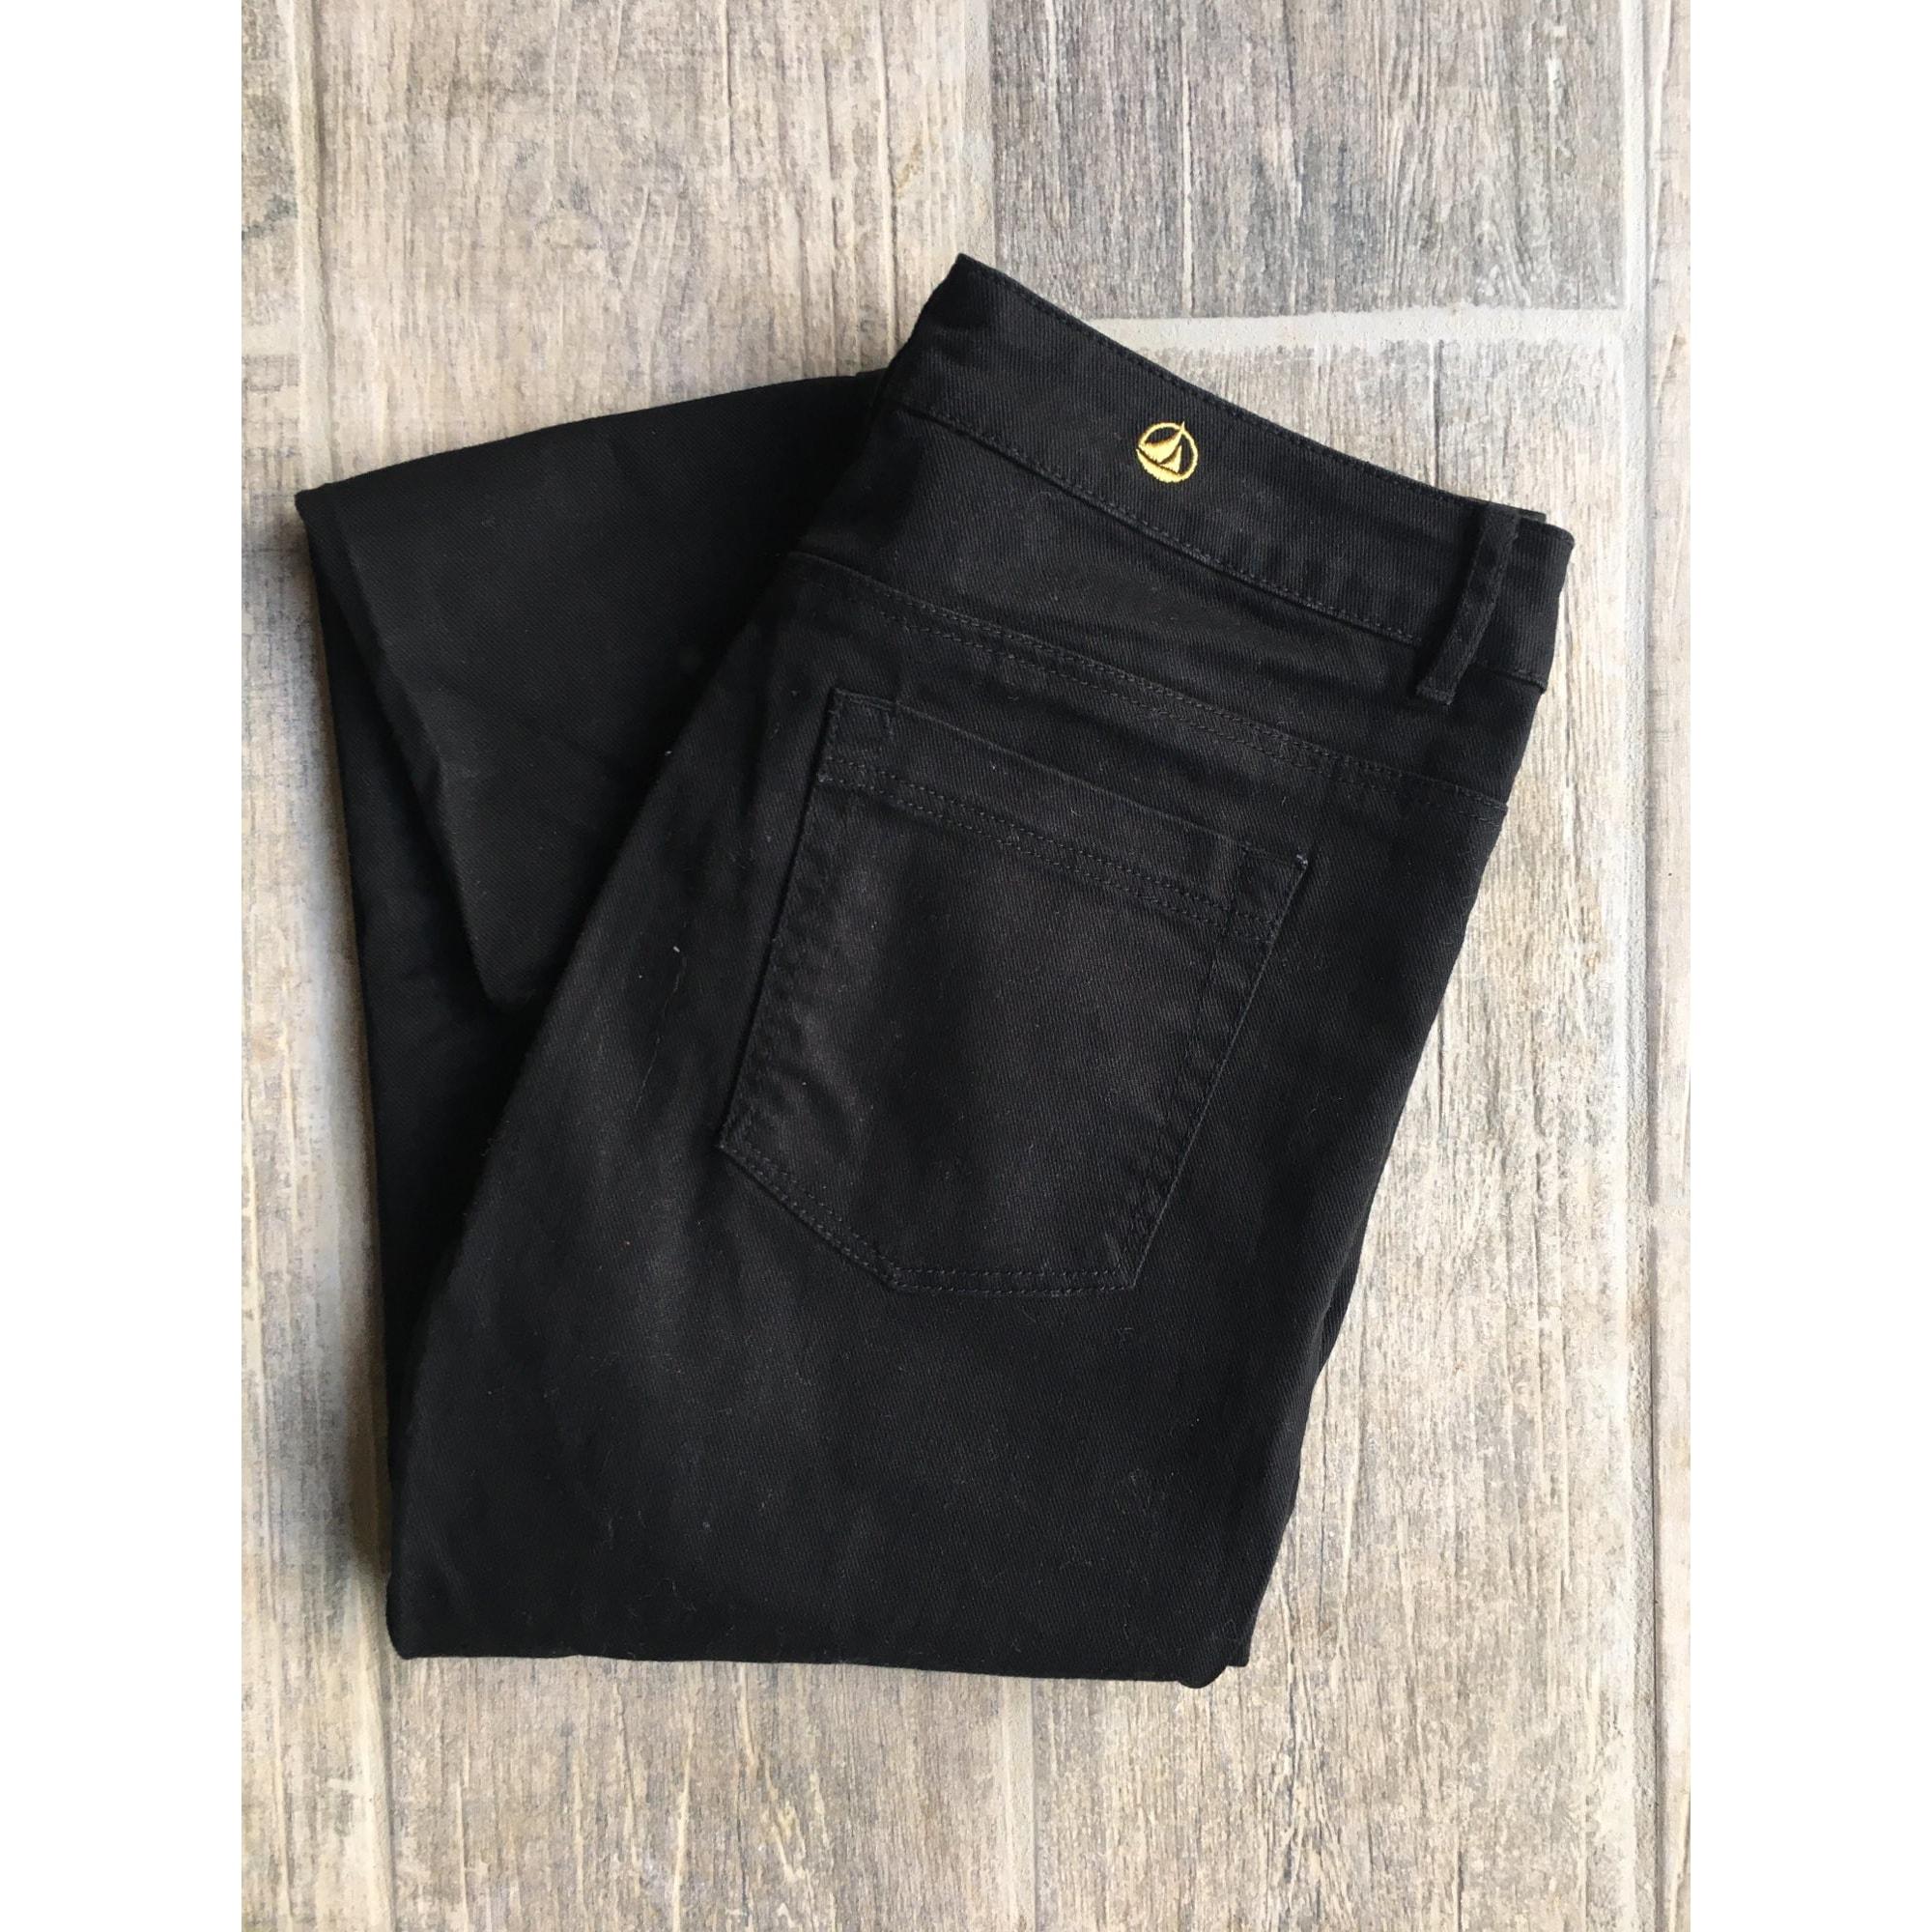 Jeans droit PETIT BATEAU Noir